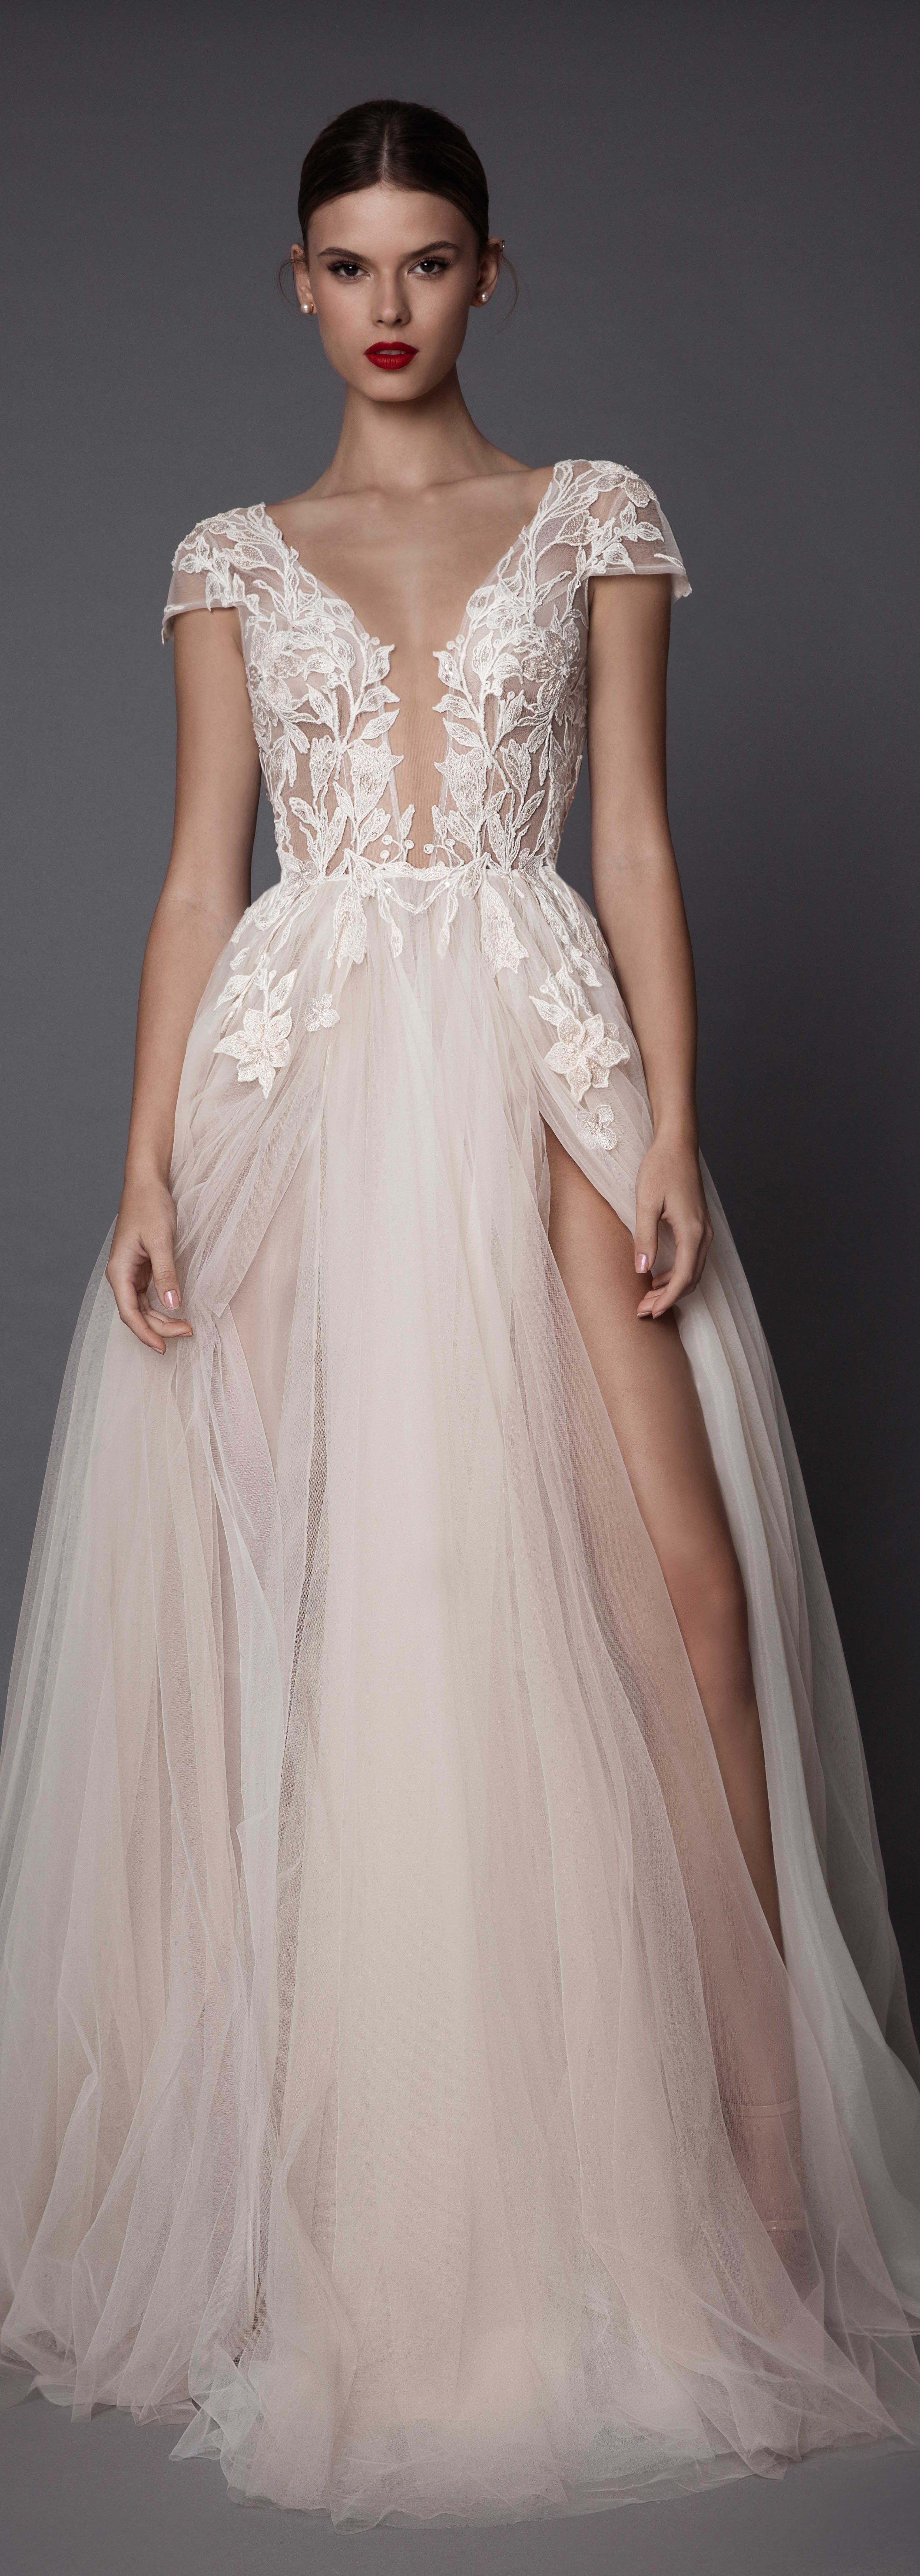 best images about robe de mariée on pinterest coiffures stella